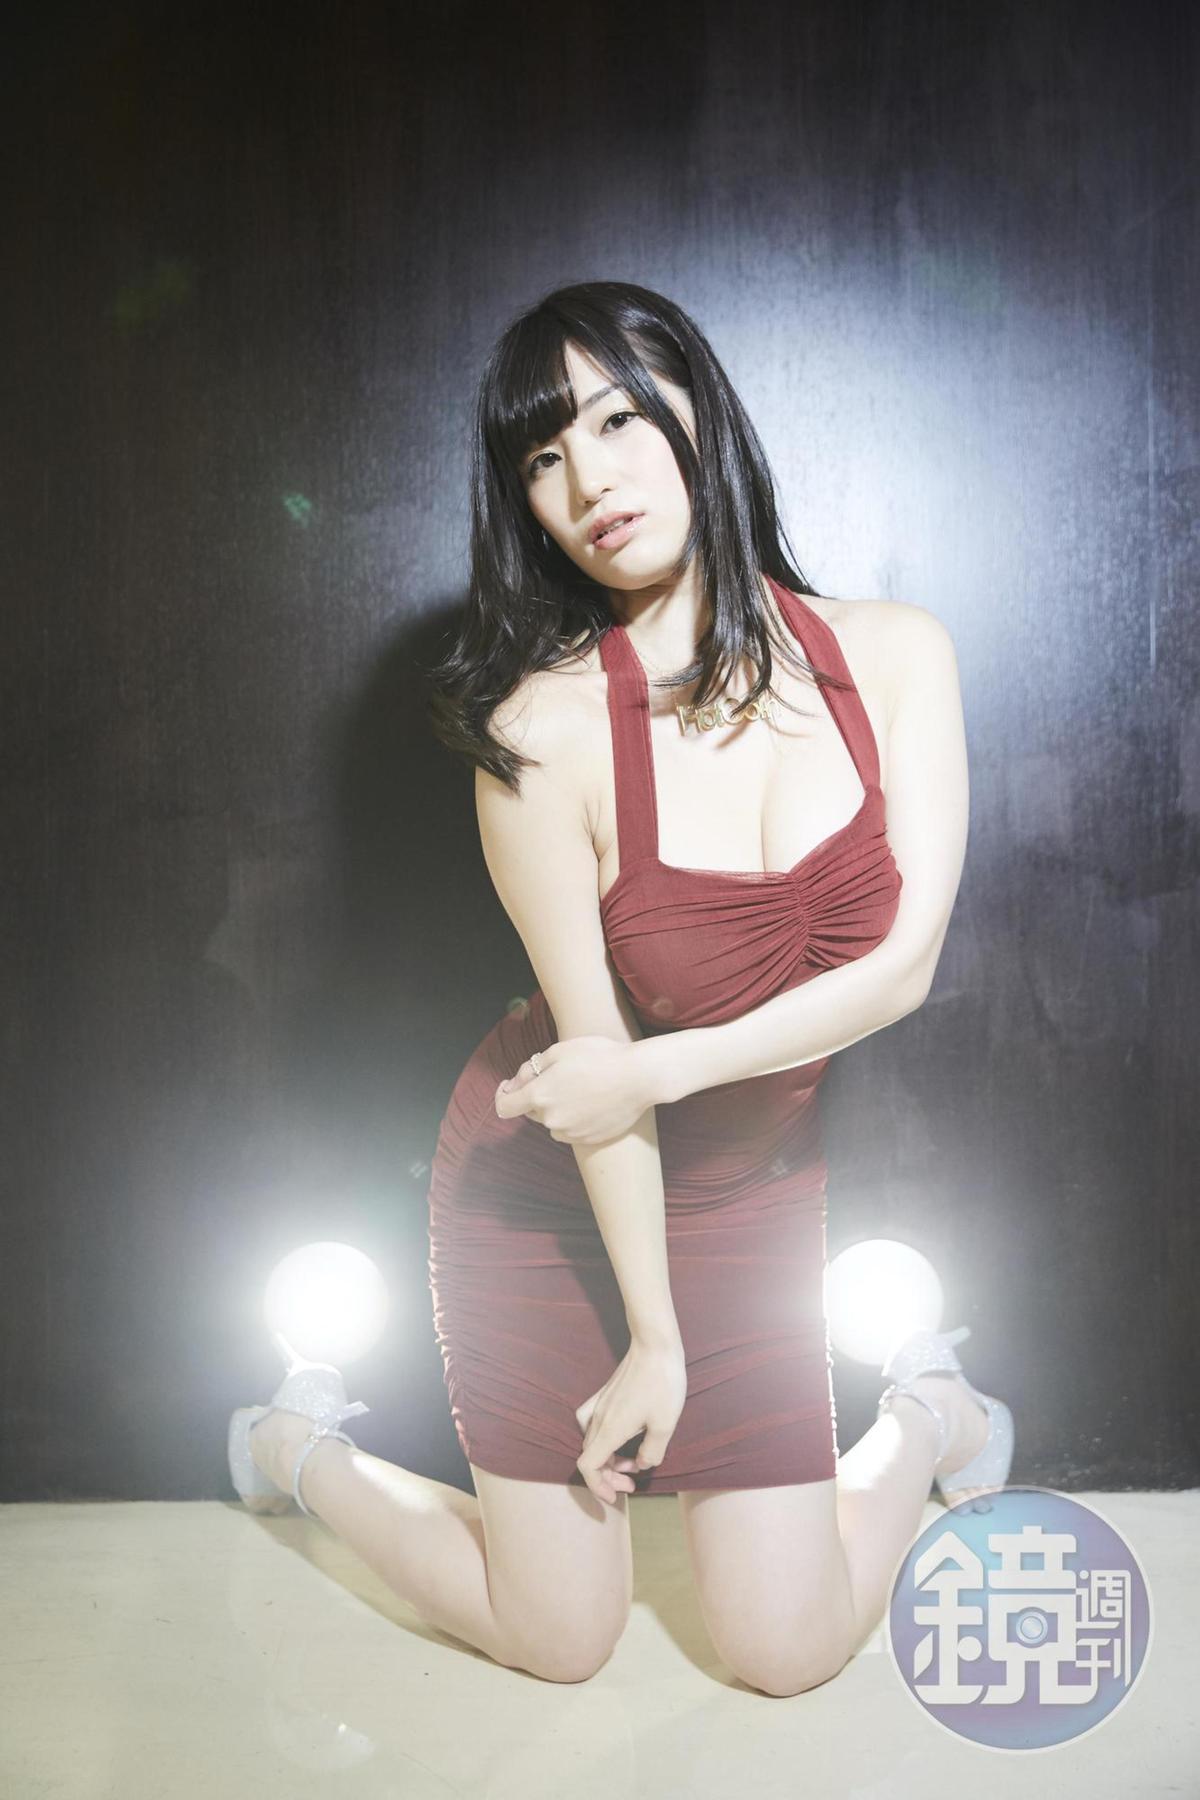 高橋聖子想挑戰「不倫」題材,大玩人妻誘惑。